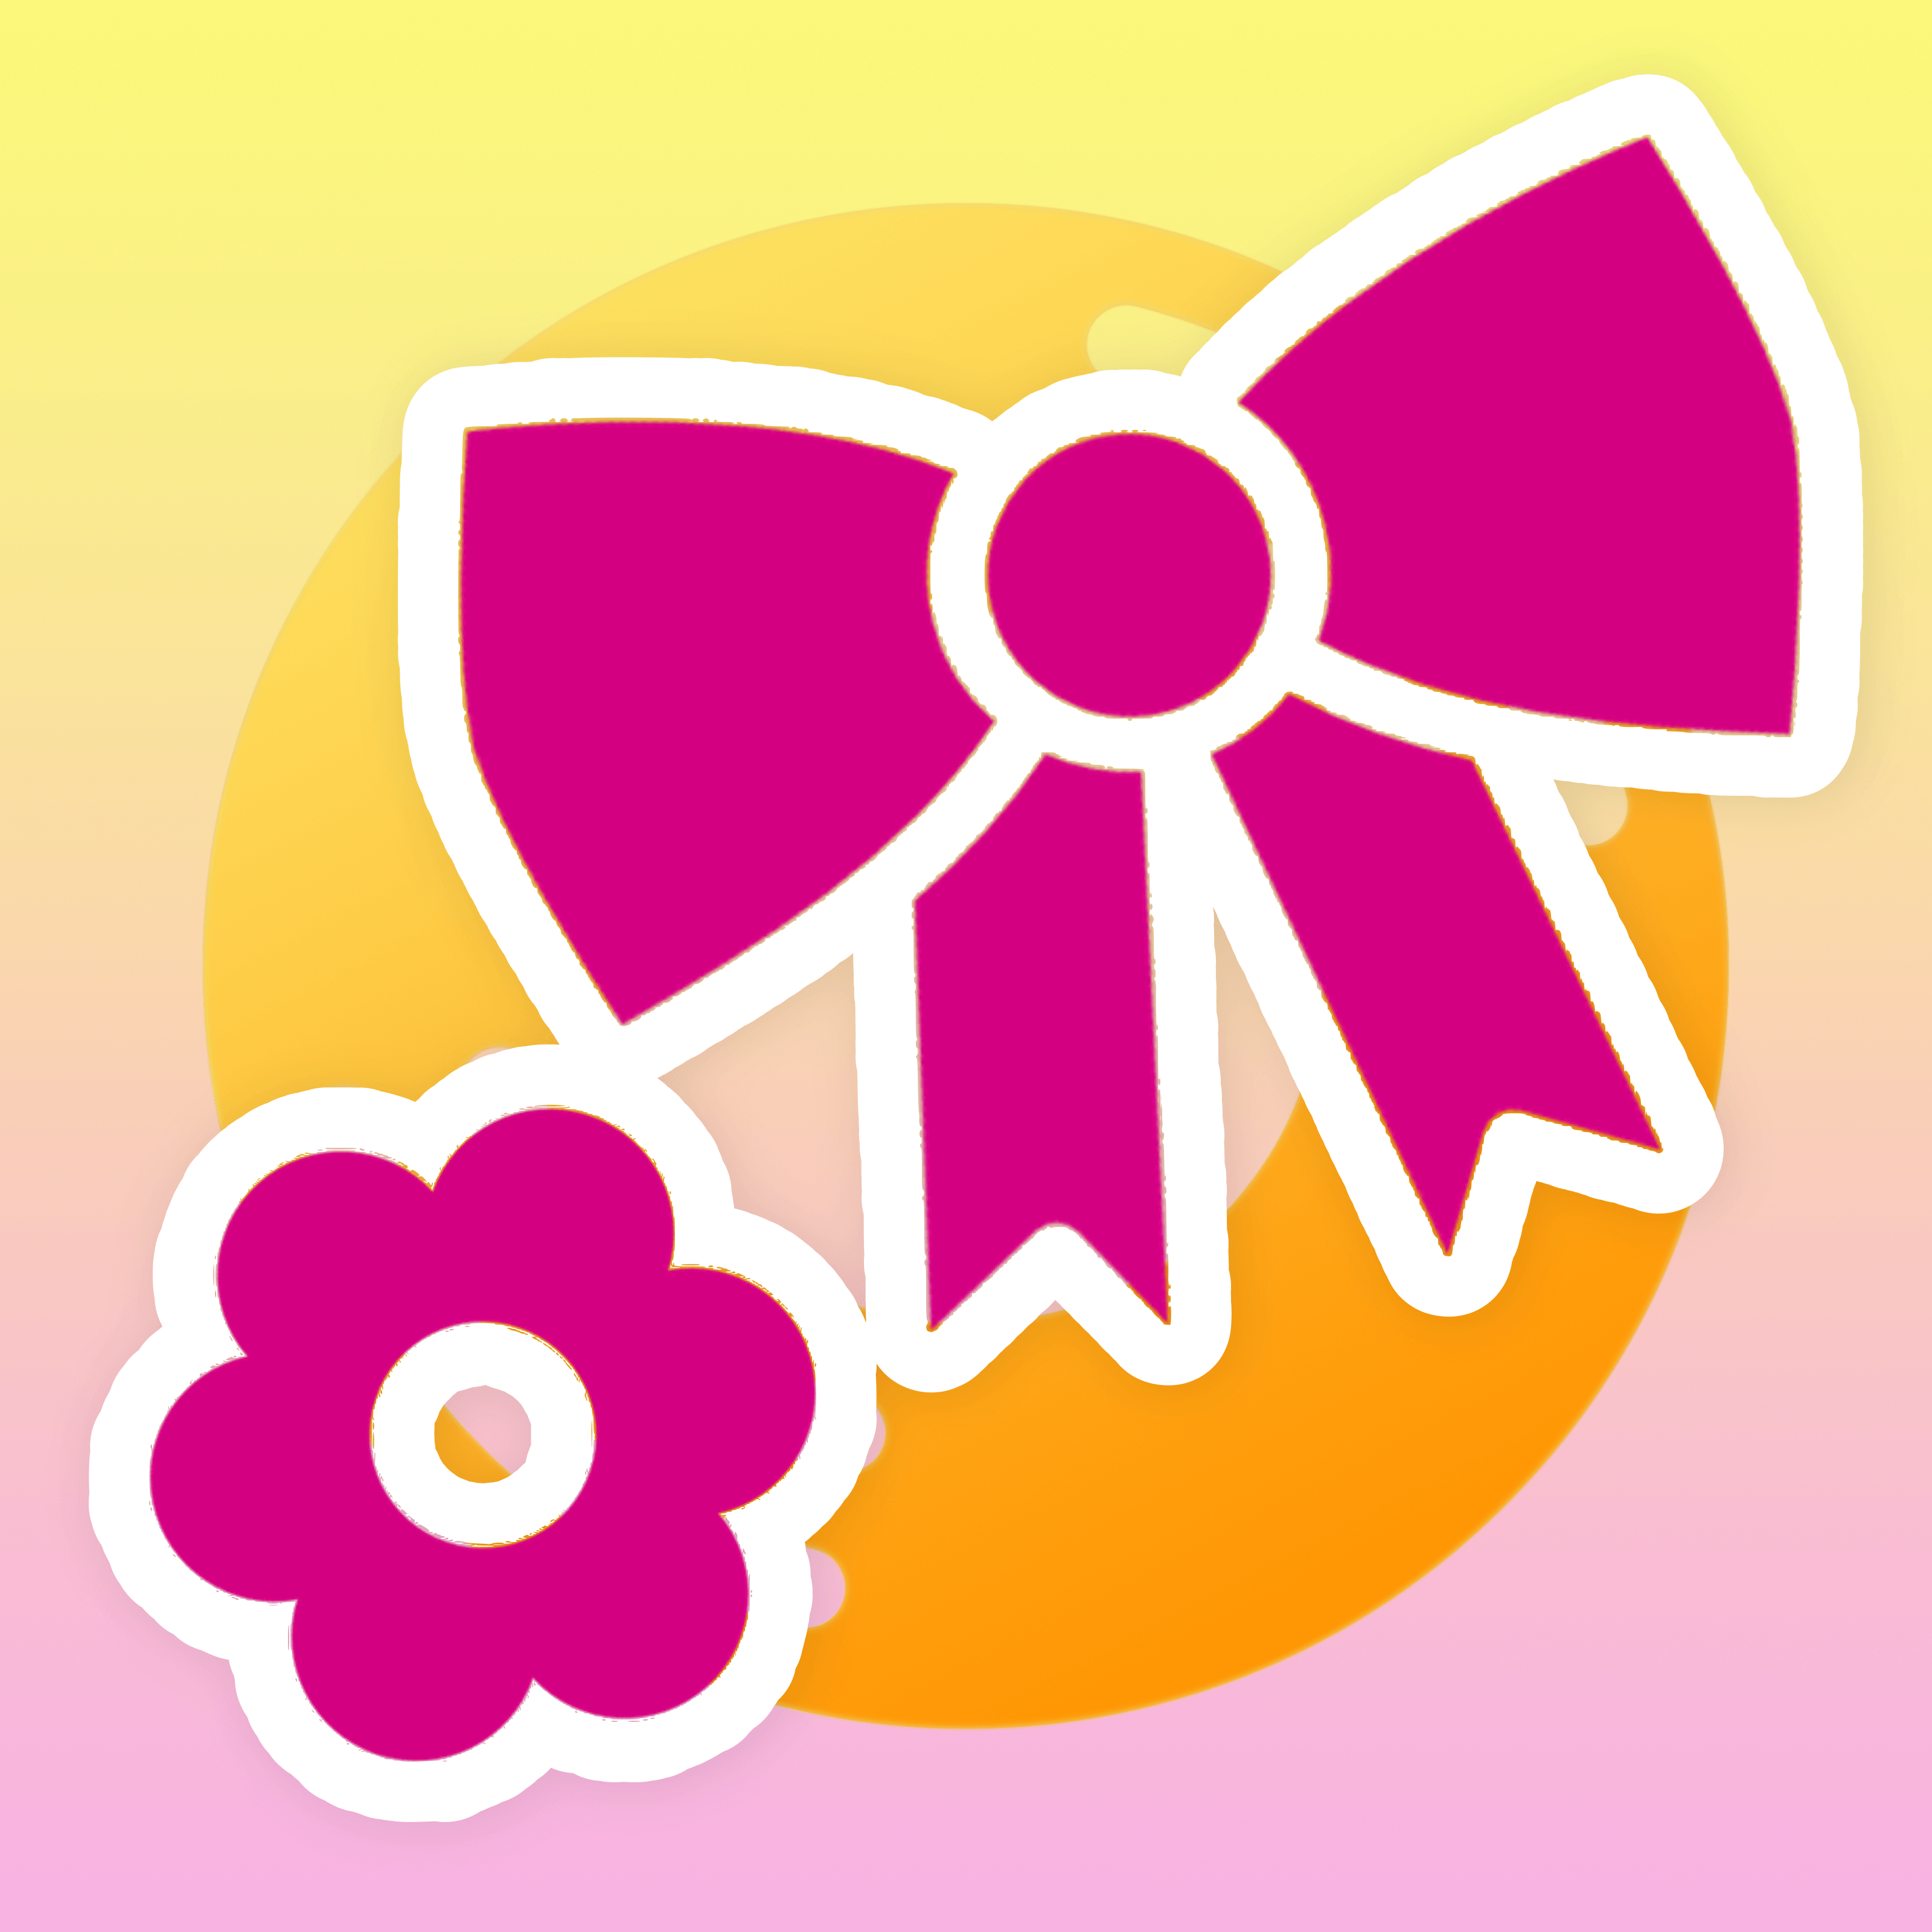 Rosy avatar